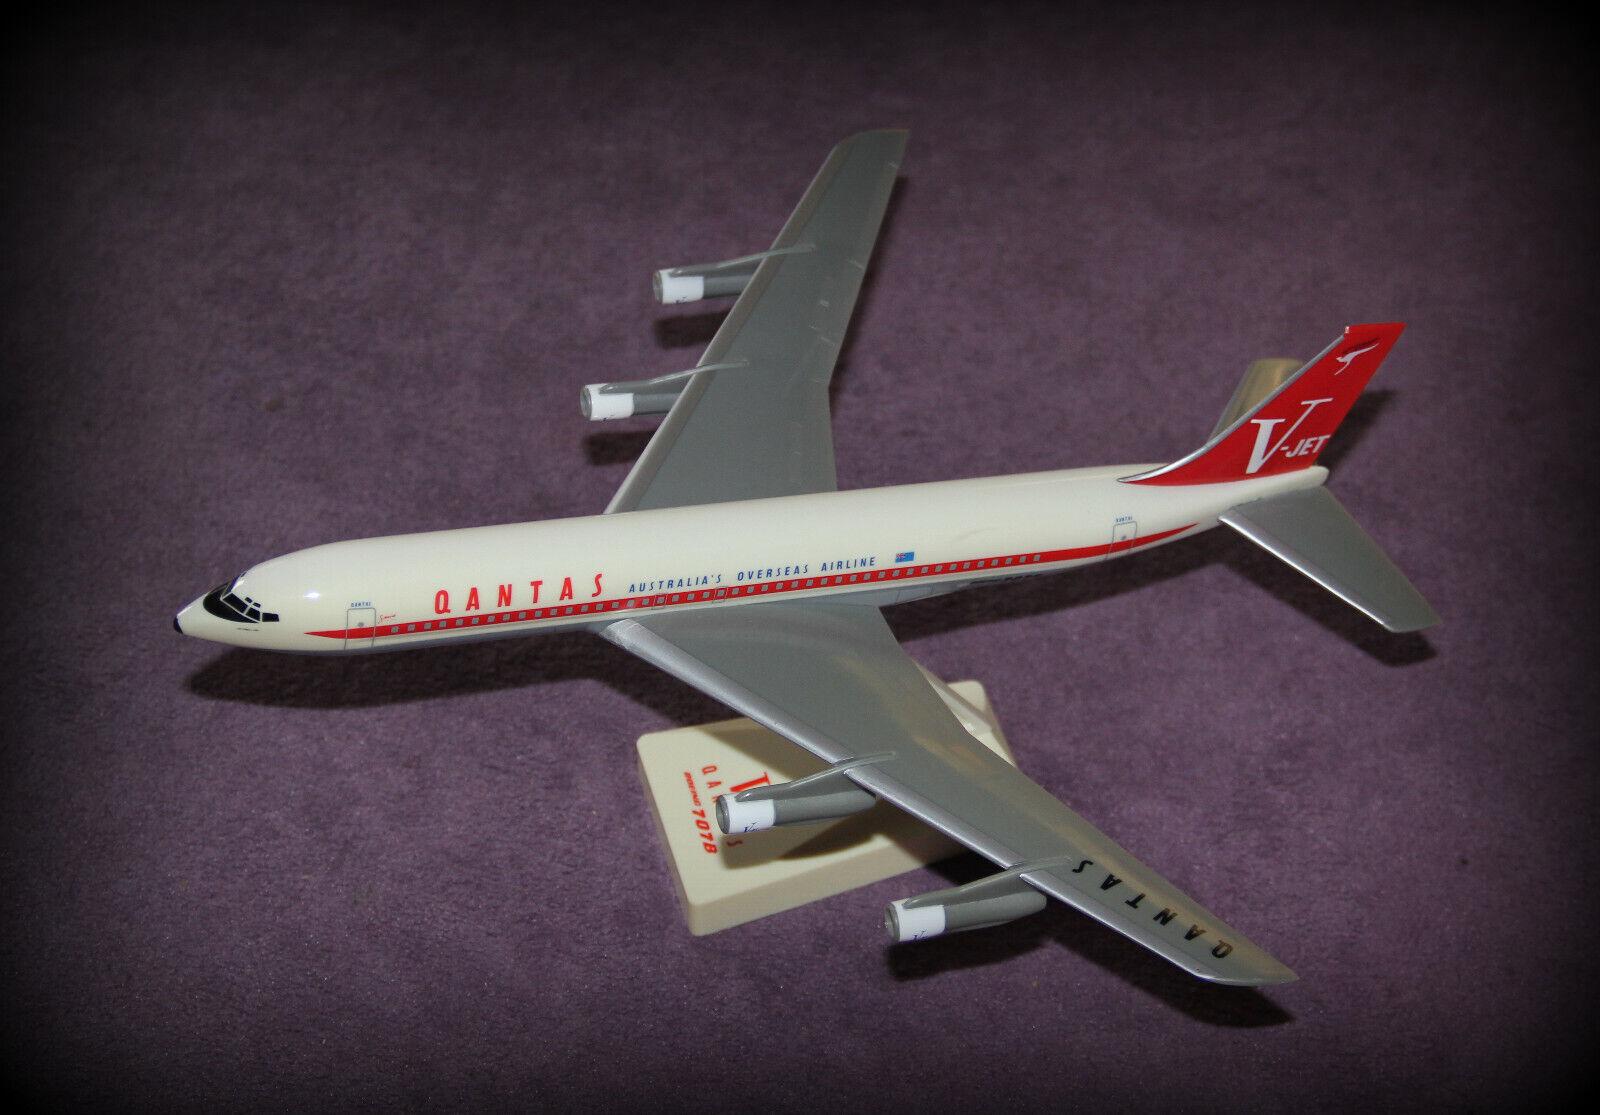 modellolo di aereo Qantas 707b VJet Spirit of Friendship J. Travolta Aircraft modellolo